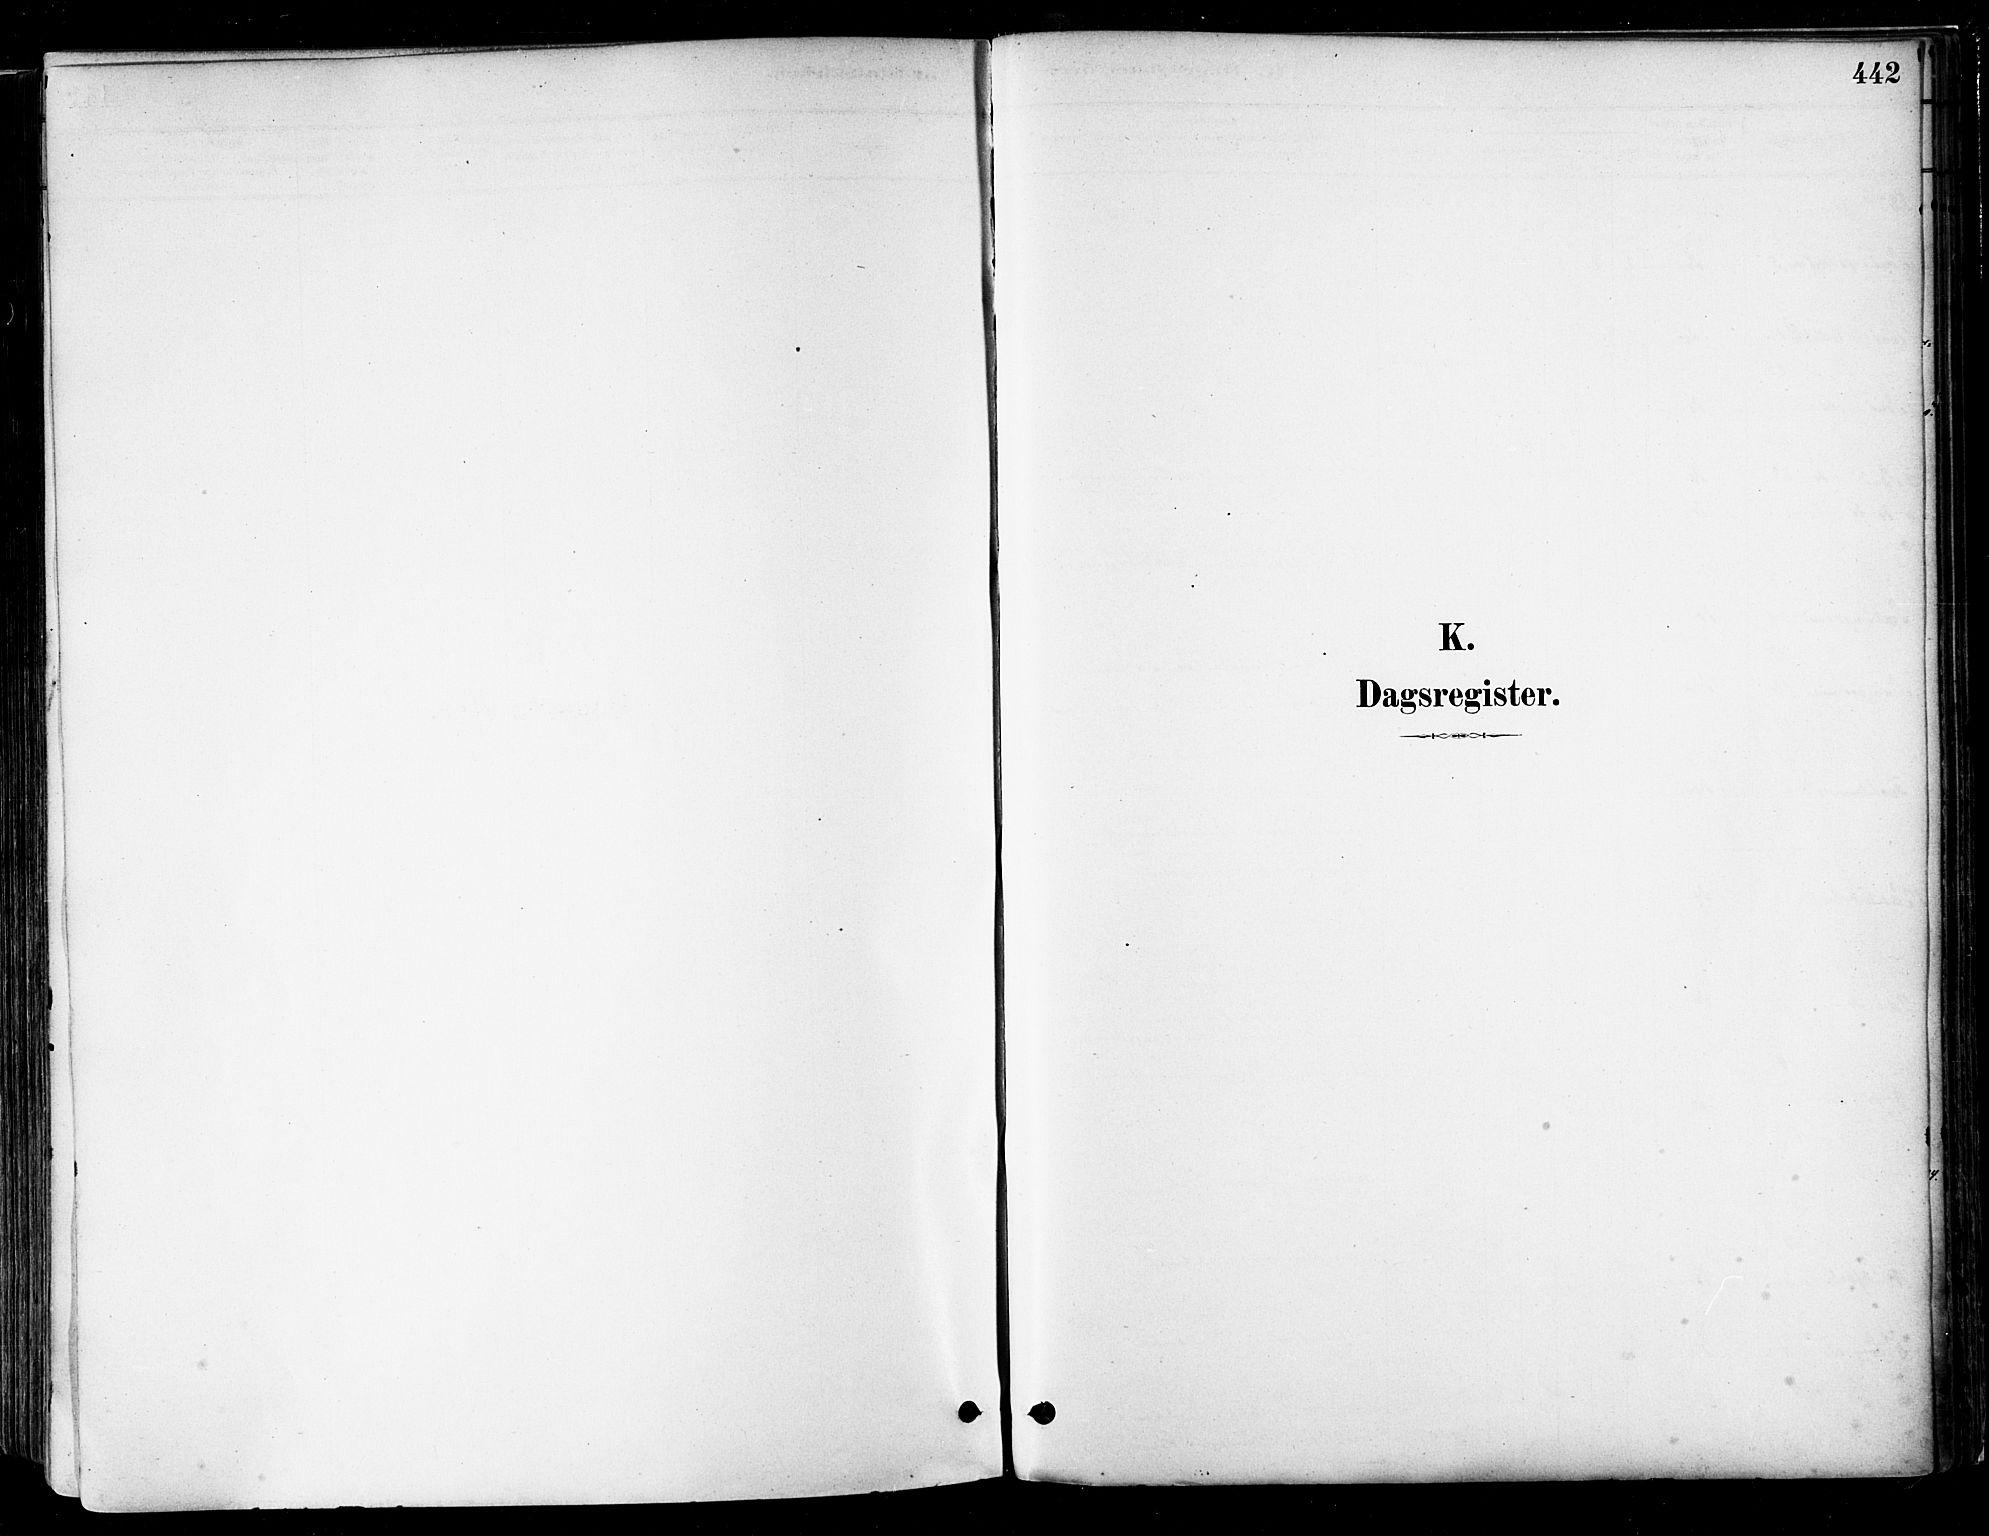 SAT, Ministerialprotokoller, klokkerbøker og fødselsregistre - Nordland, 802/L0054: Parish register (official) no. 802A01, 1879-1893, p. 442